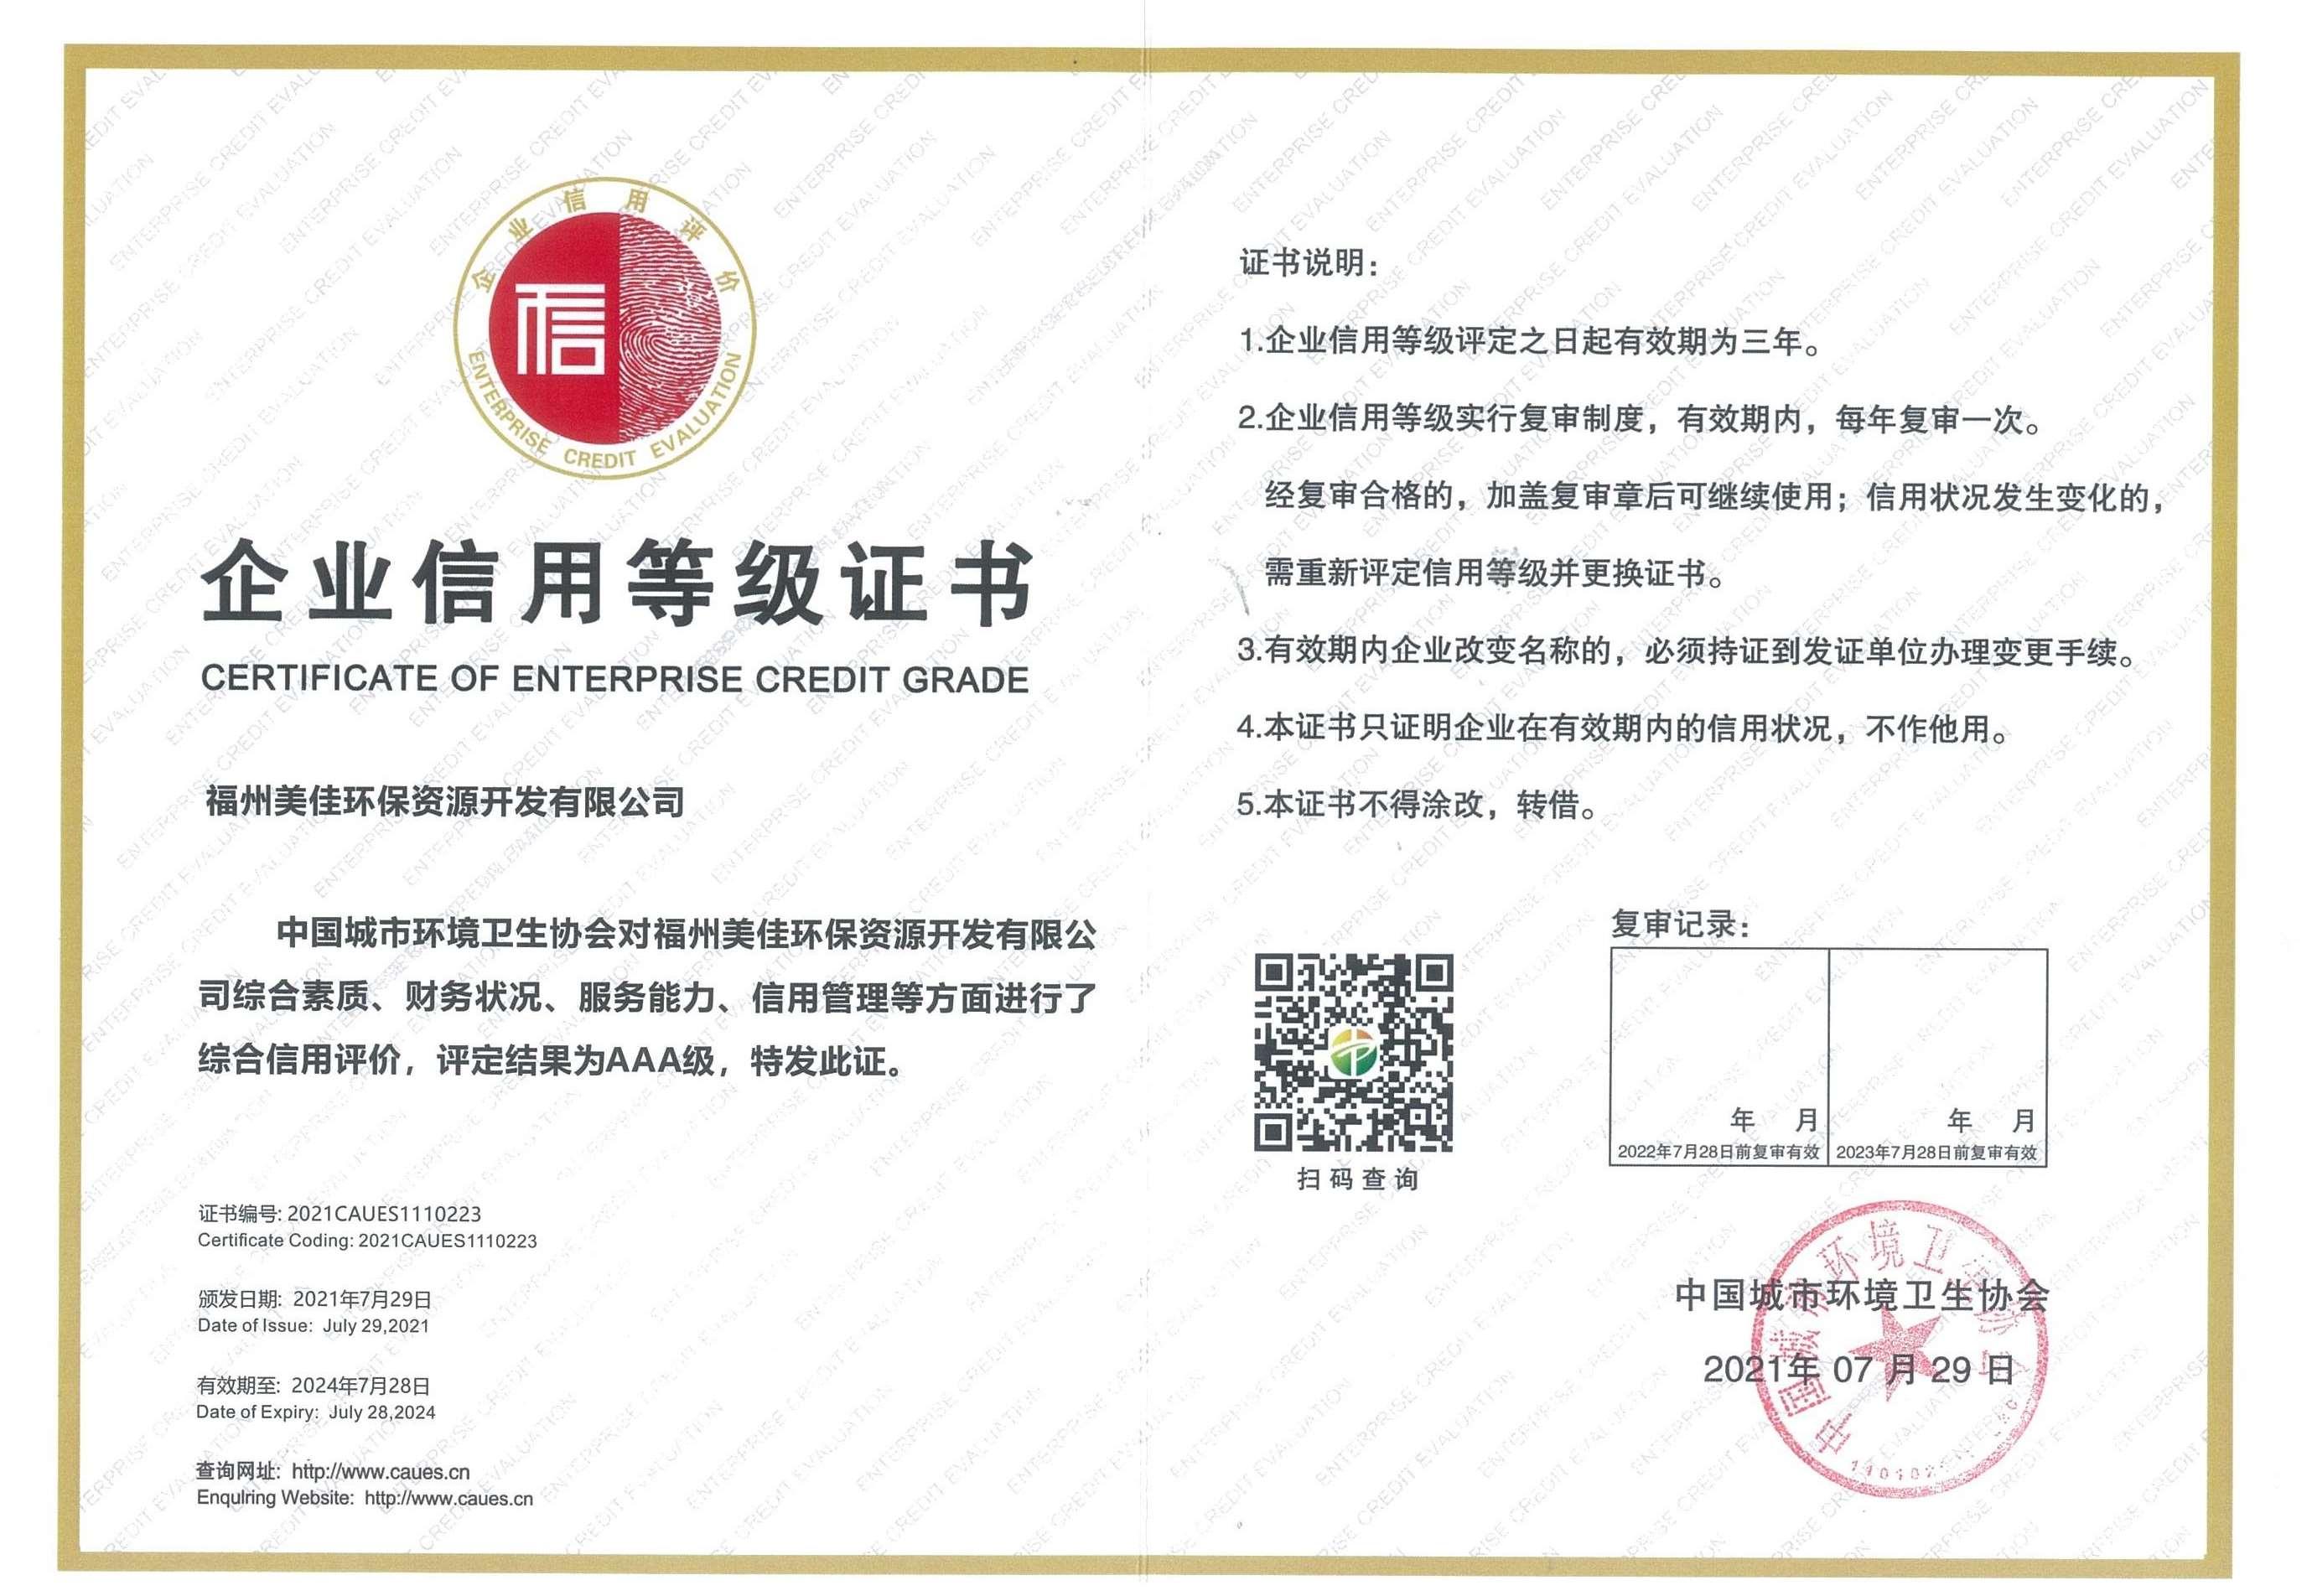 2021年度中国环境卫生行业企业信用评价AAA企业